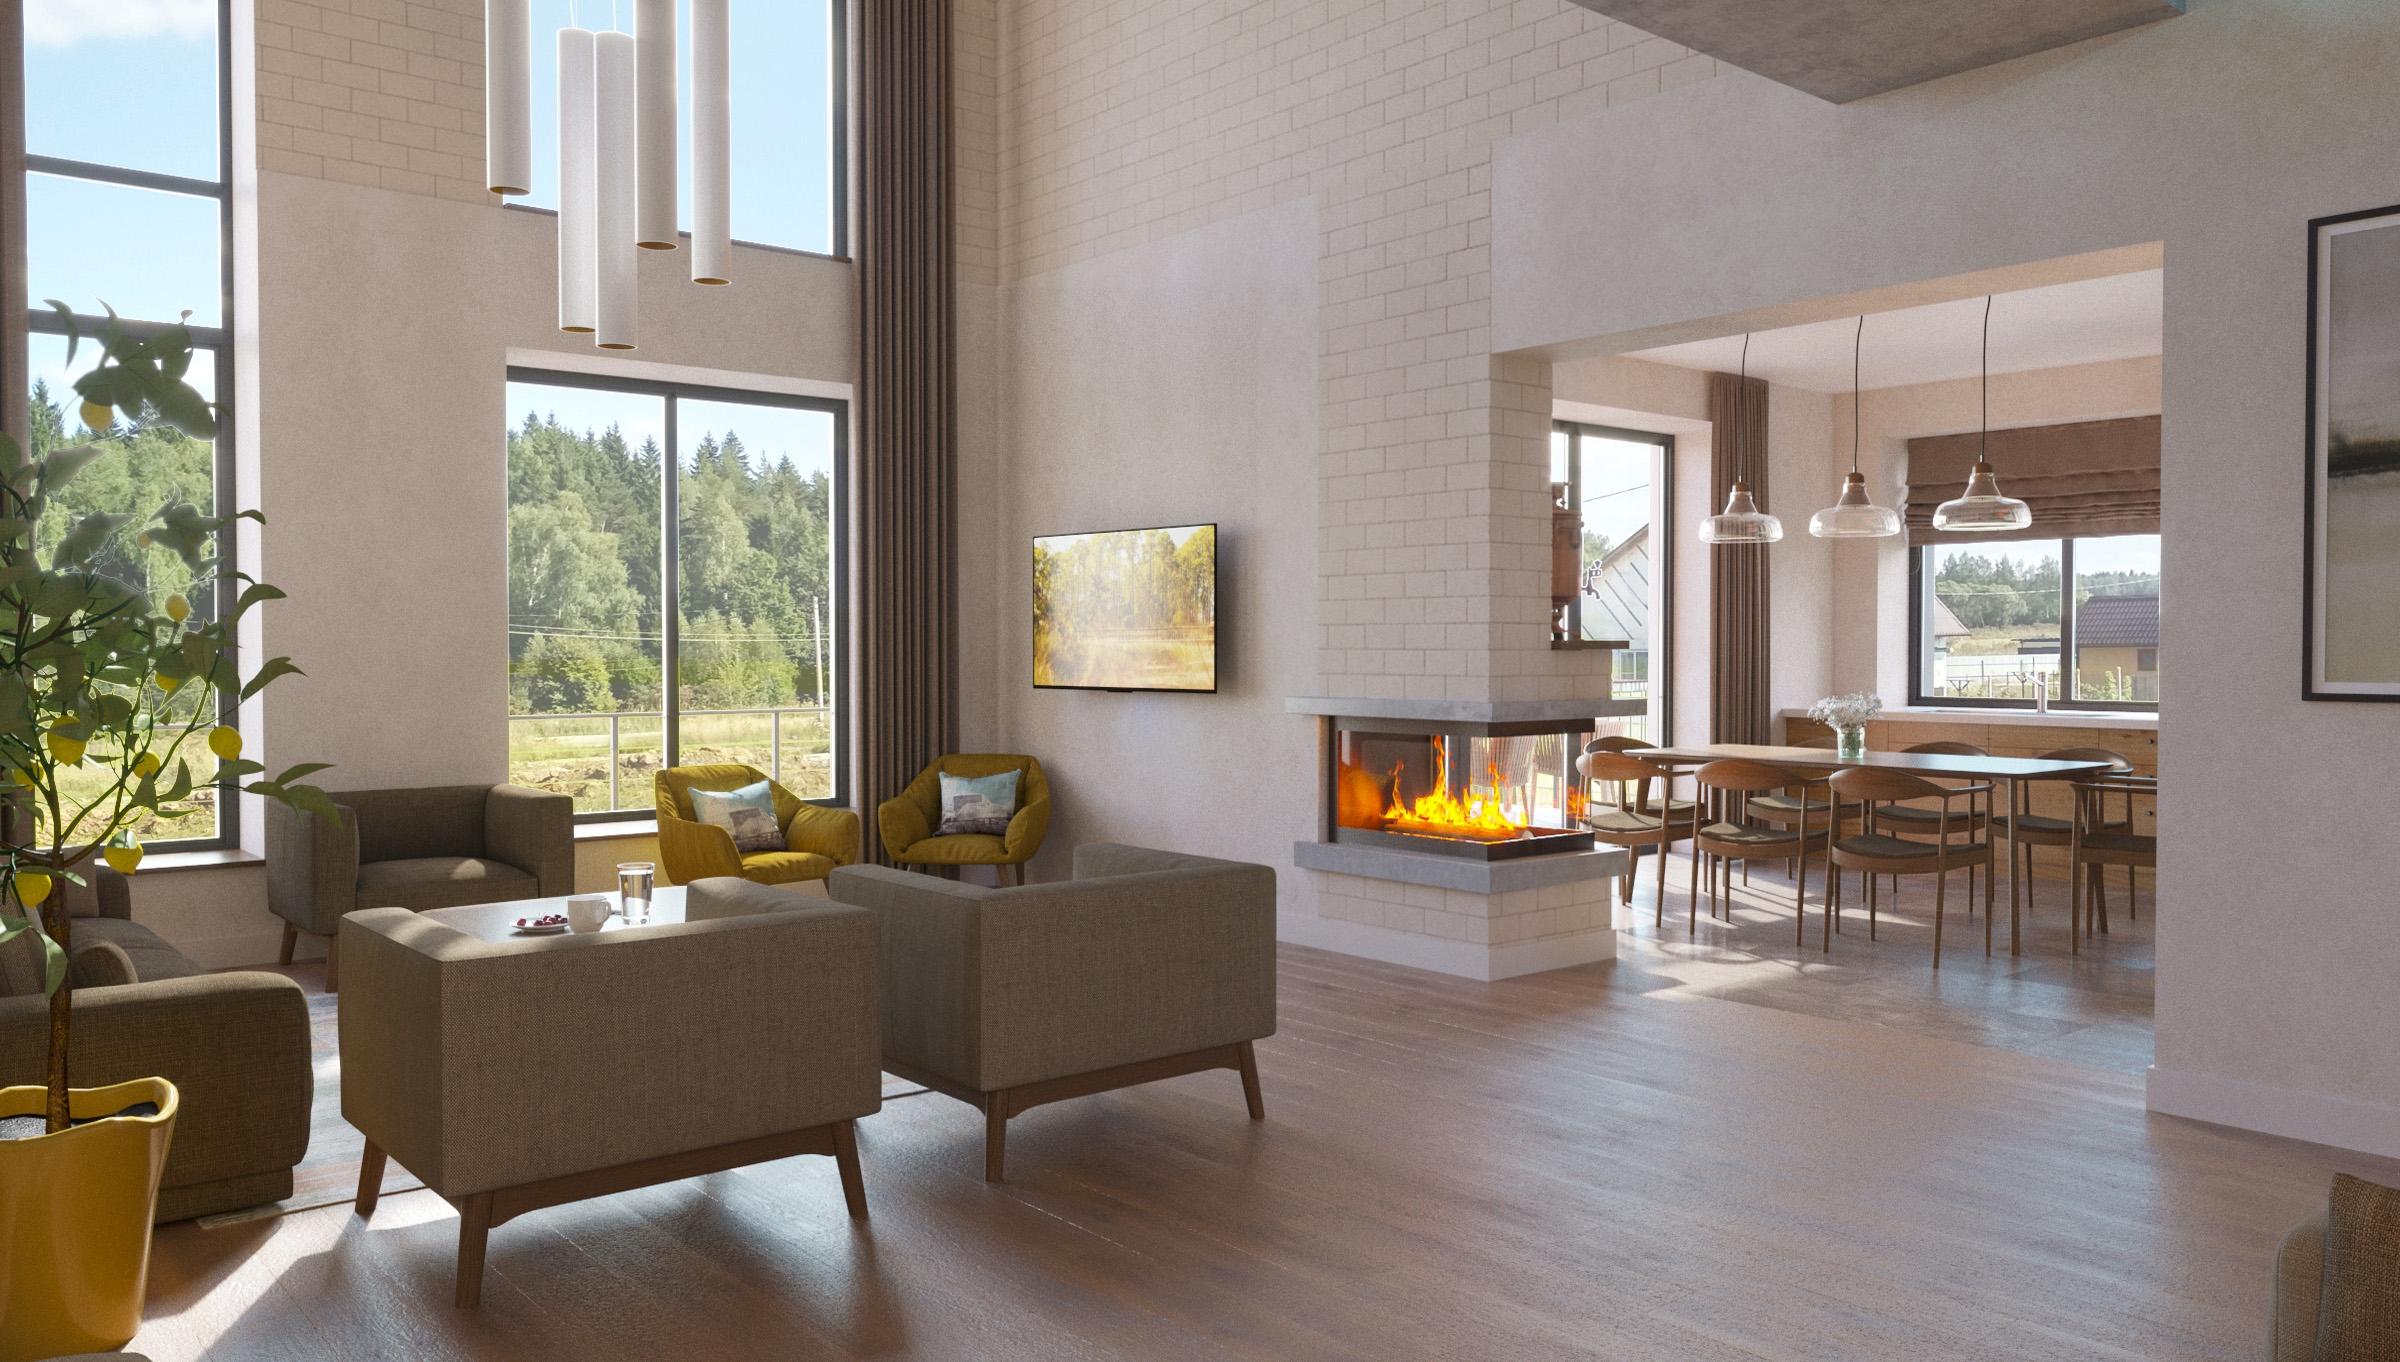 Изображение для проекта Современное поместье для большой семьи 2170